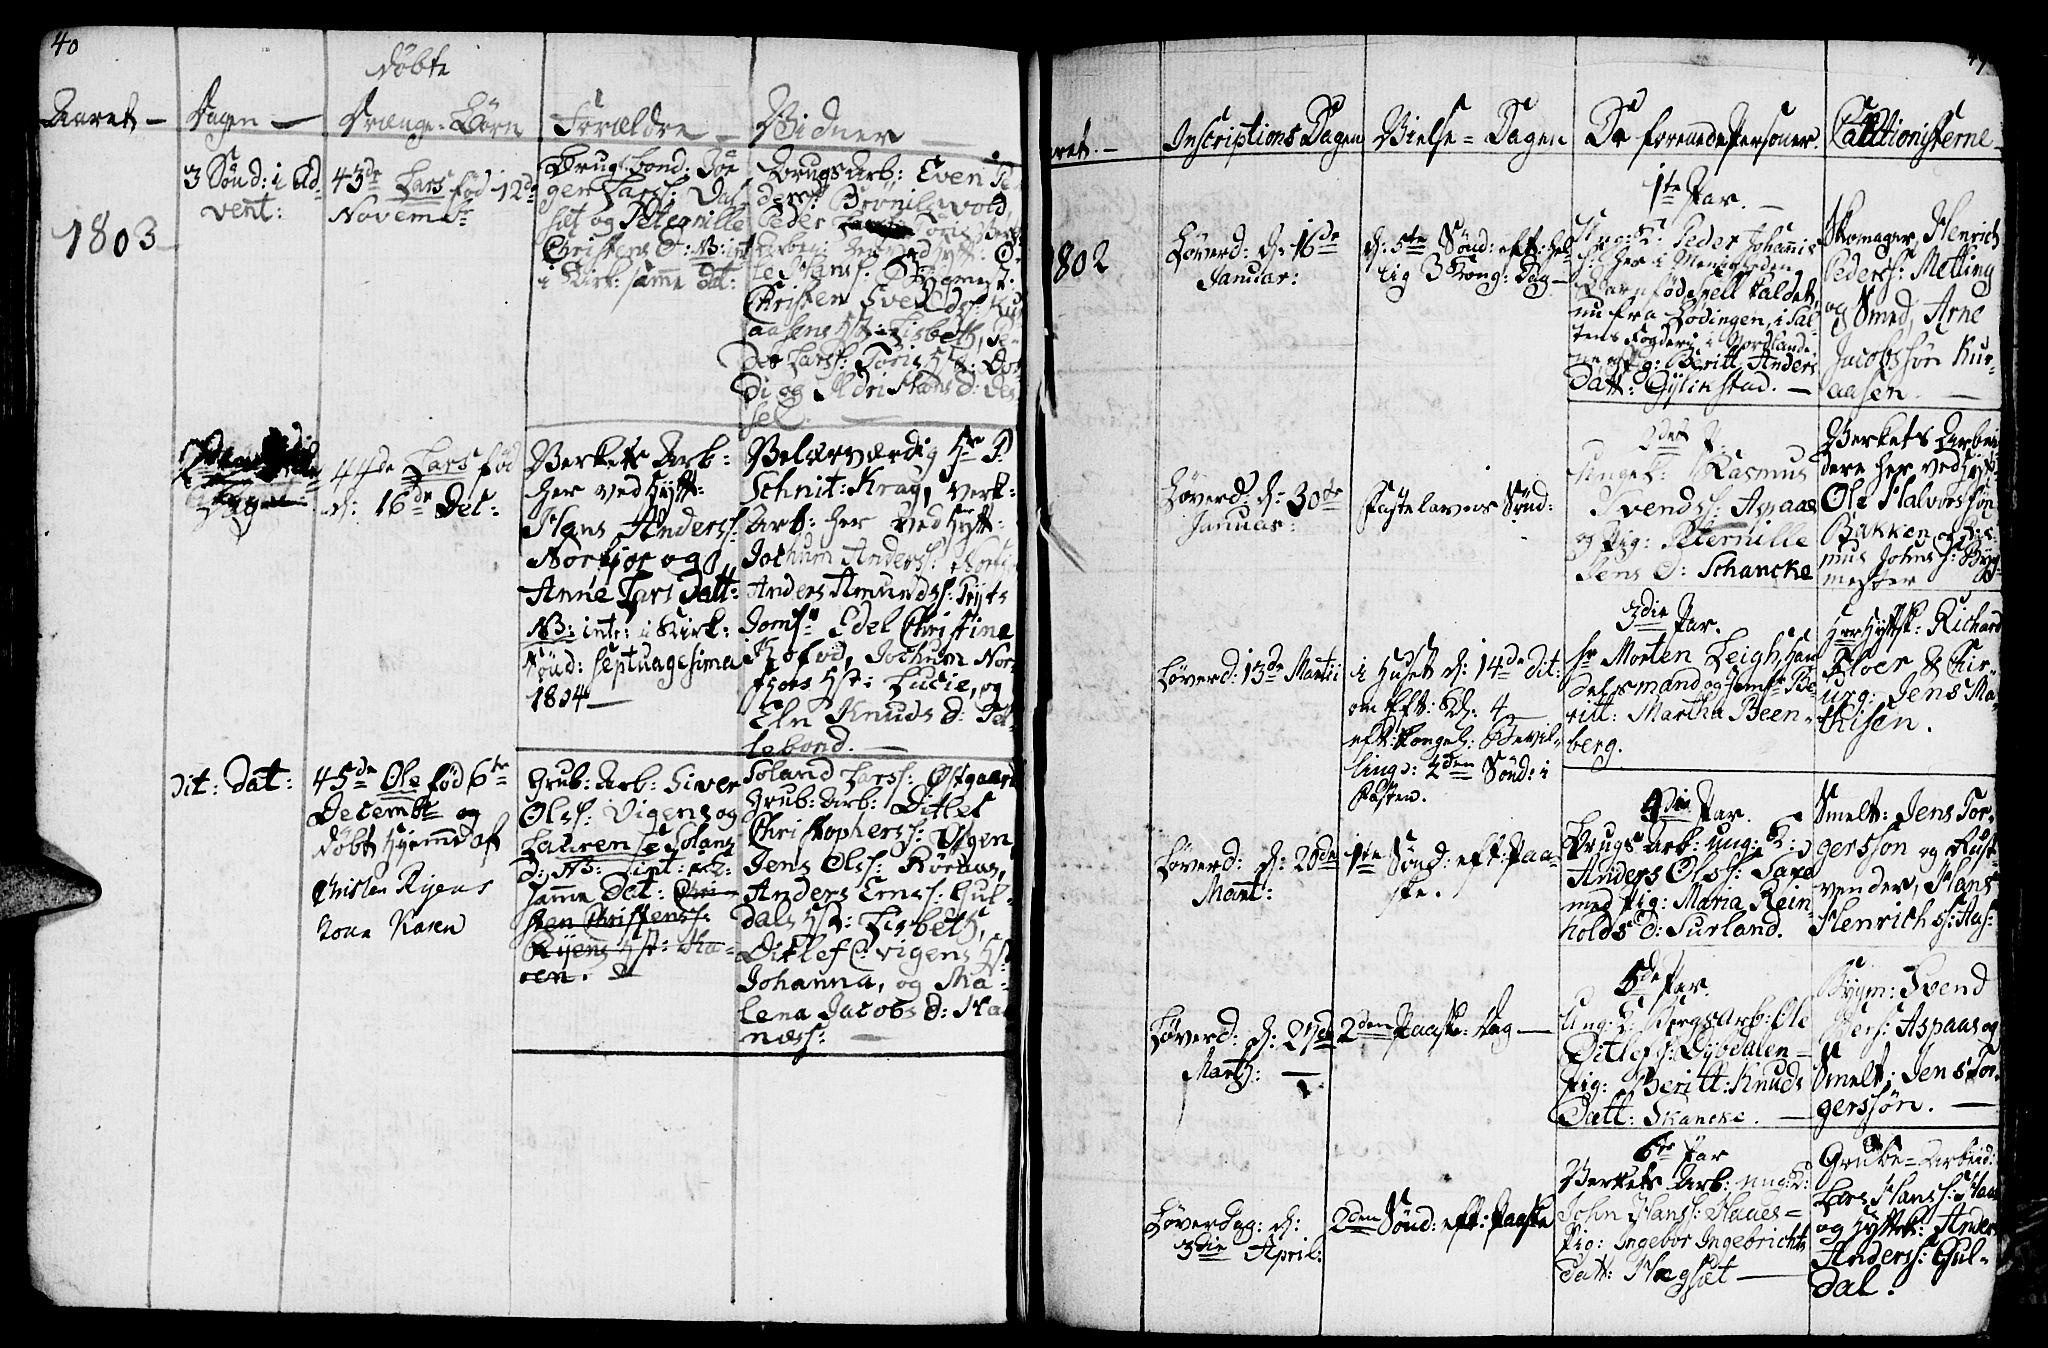 SAT, Ministerialprotokoller, klokkerbøker og fødselsregistre - Sør-Trøndelag, 681/L0937: Klokkerbok nr. 681C01, 1798-1810, s. 40-49